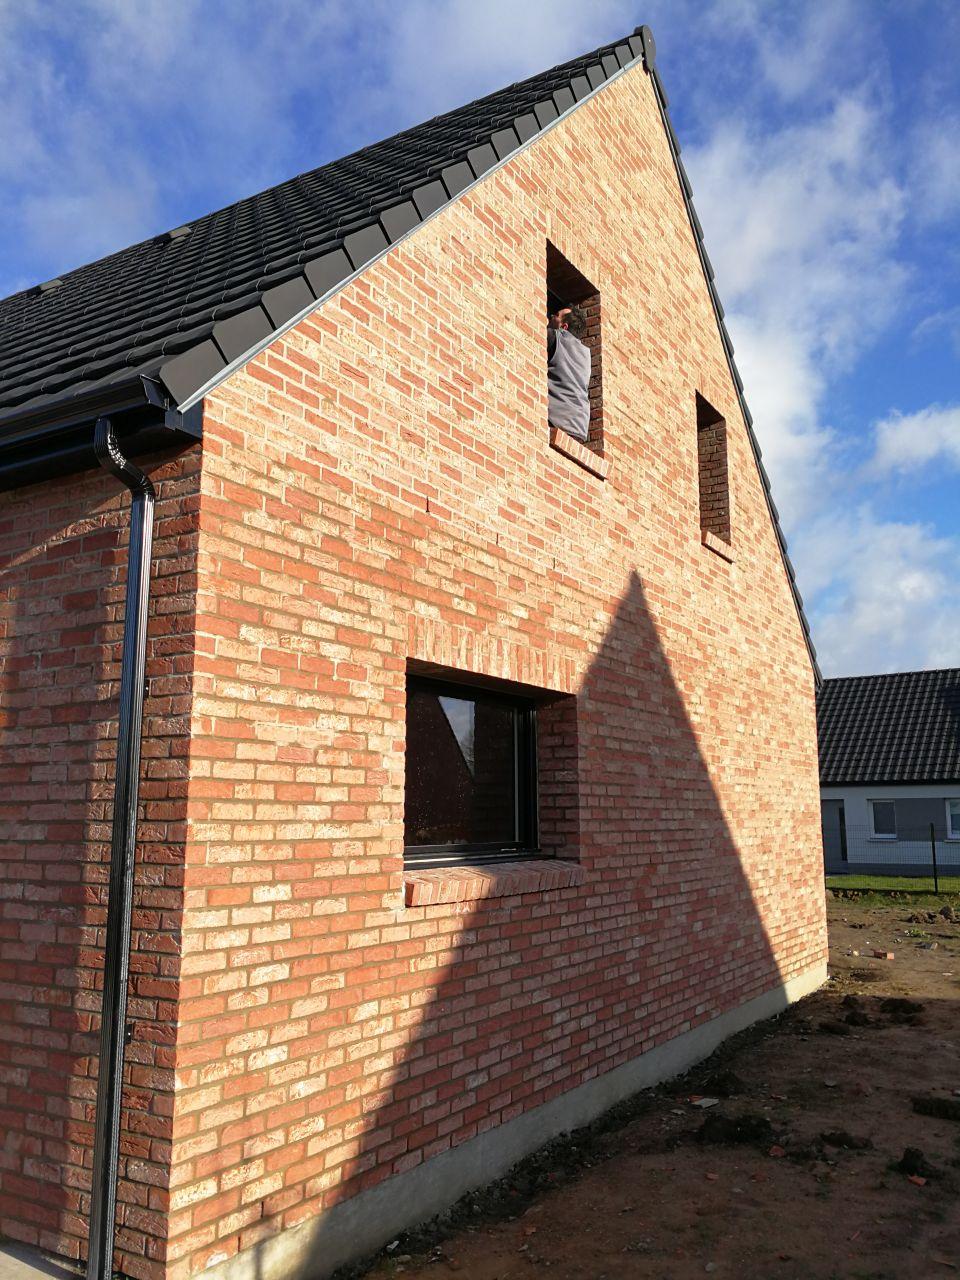 Vue extérieure de la façade gauche de la maison